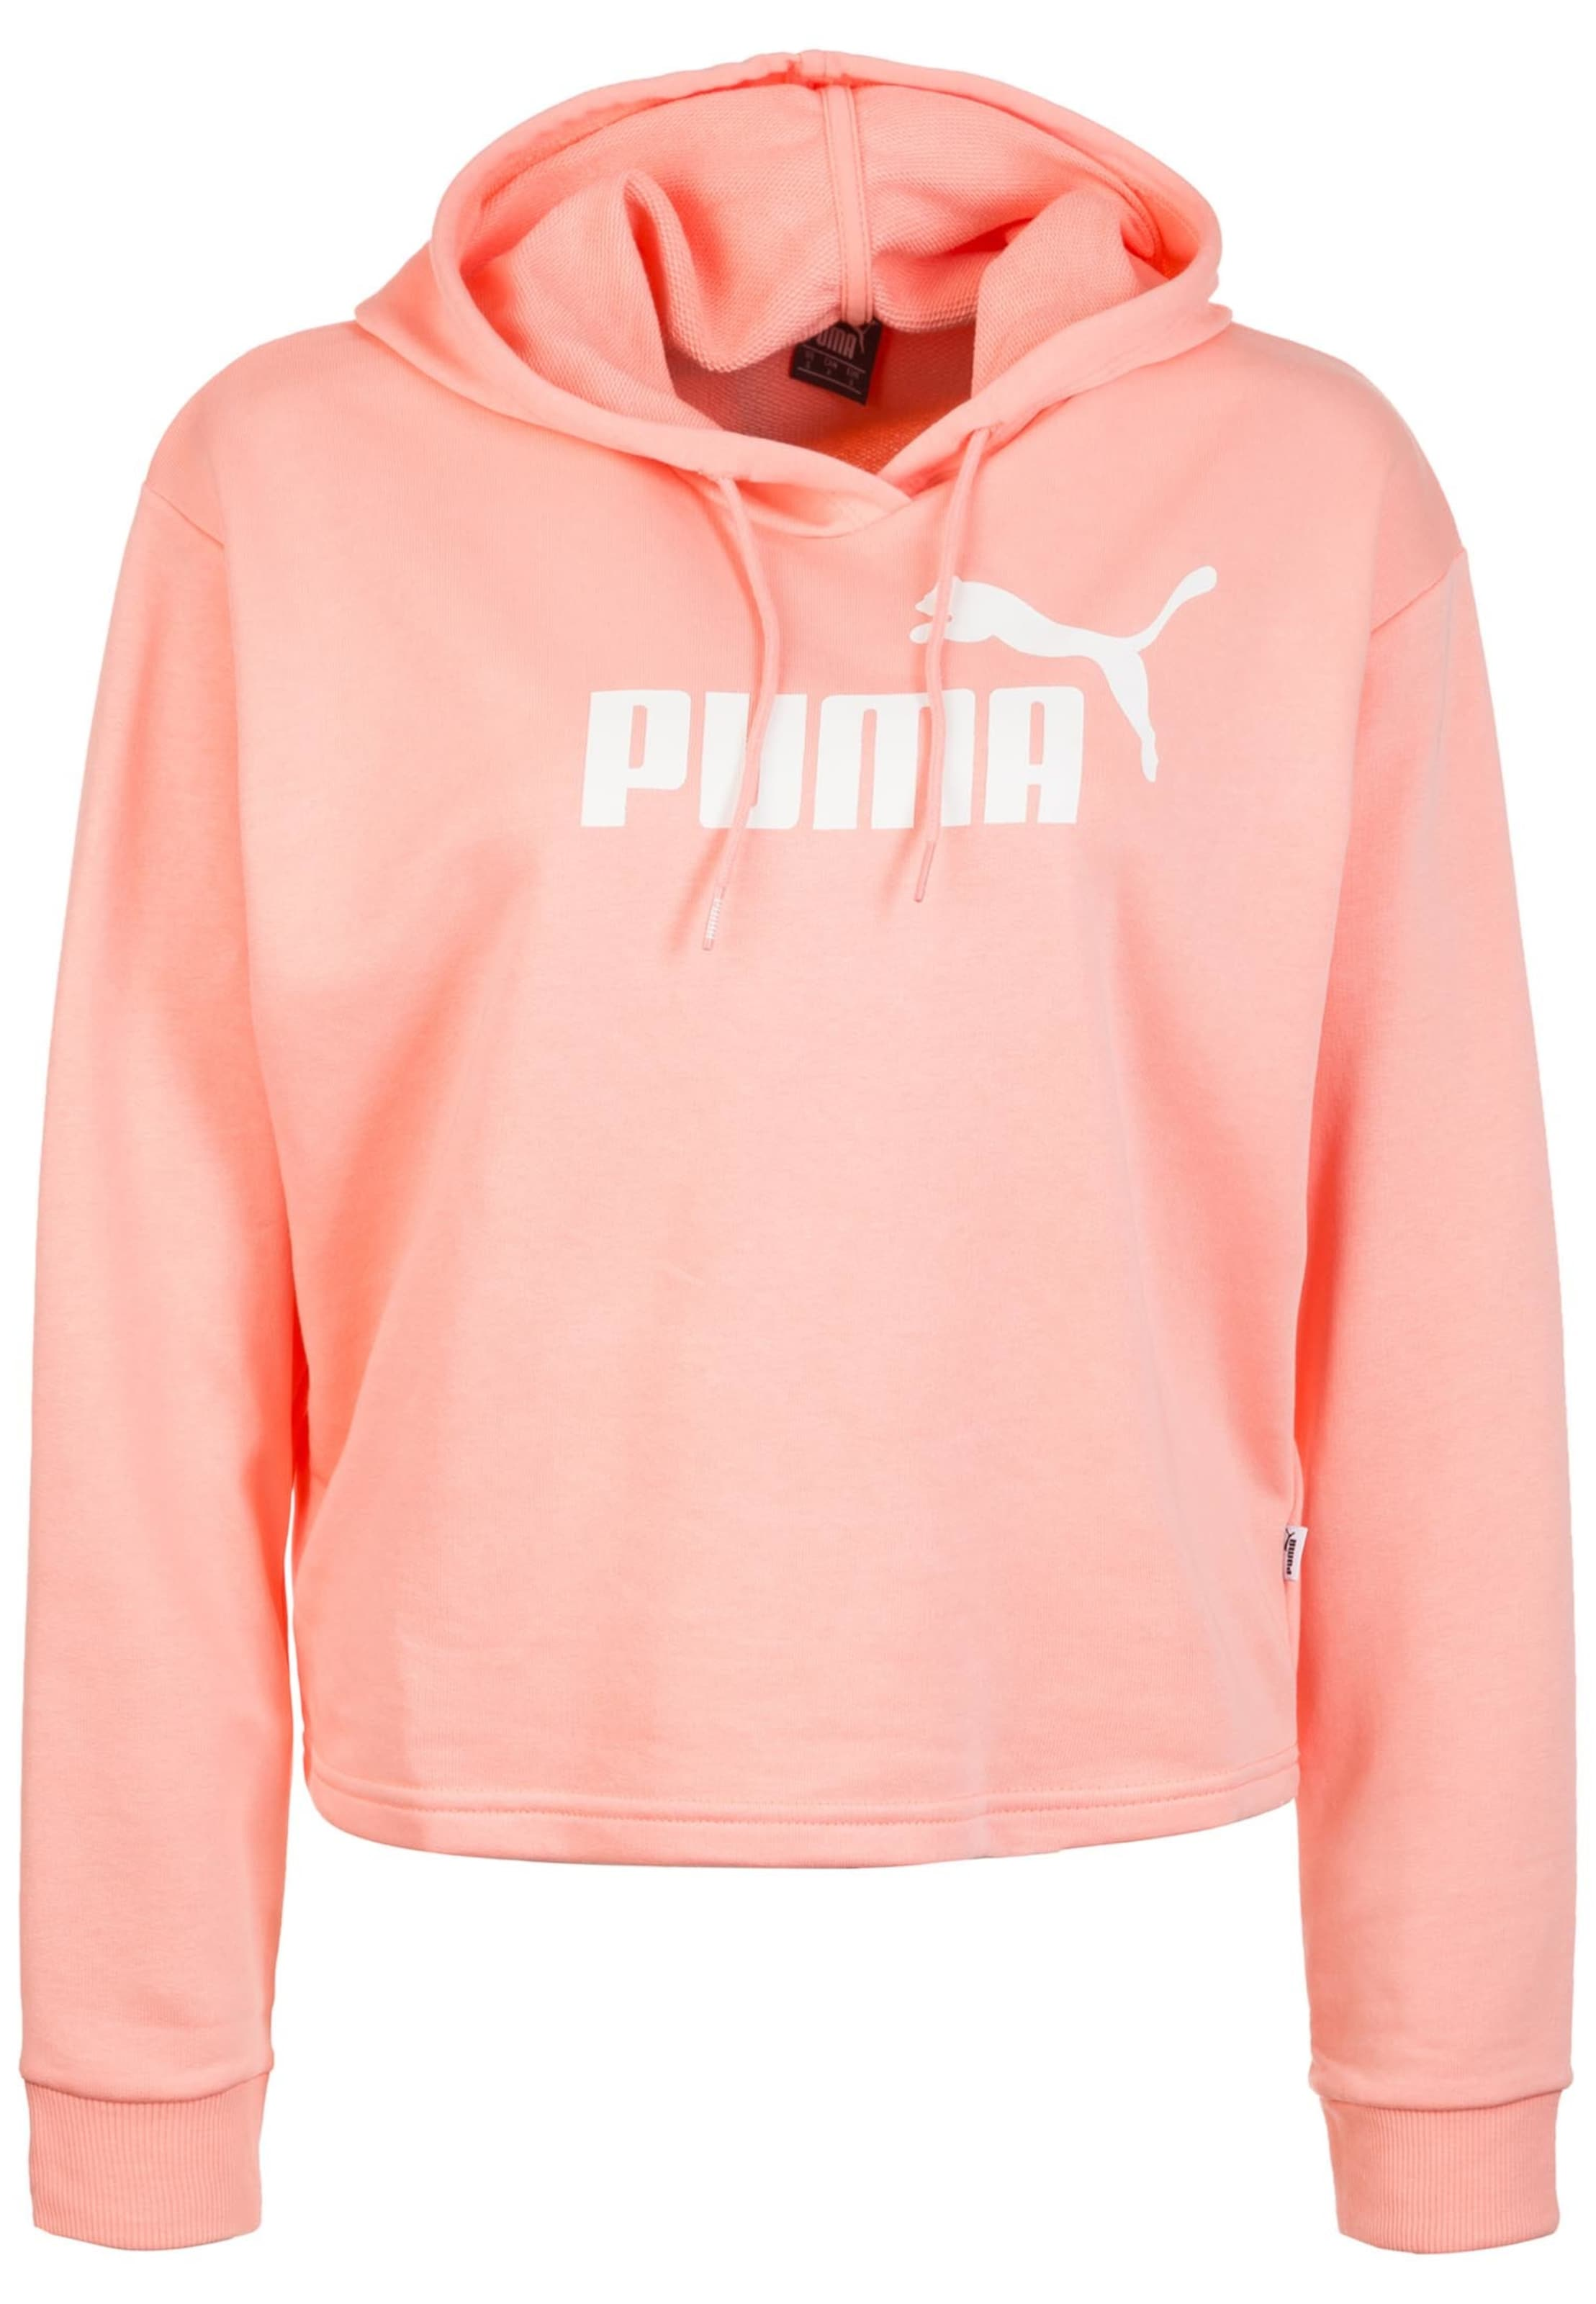 Puma Puma shirt shirt Sweat Sweat En CorailBlanc PuOkXZi